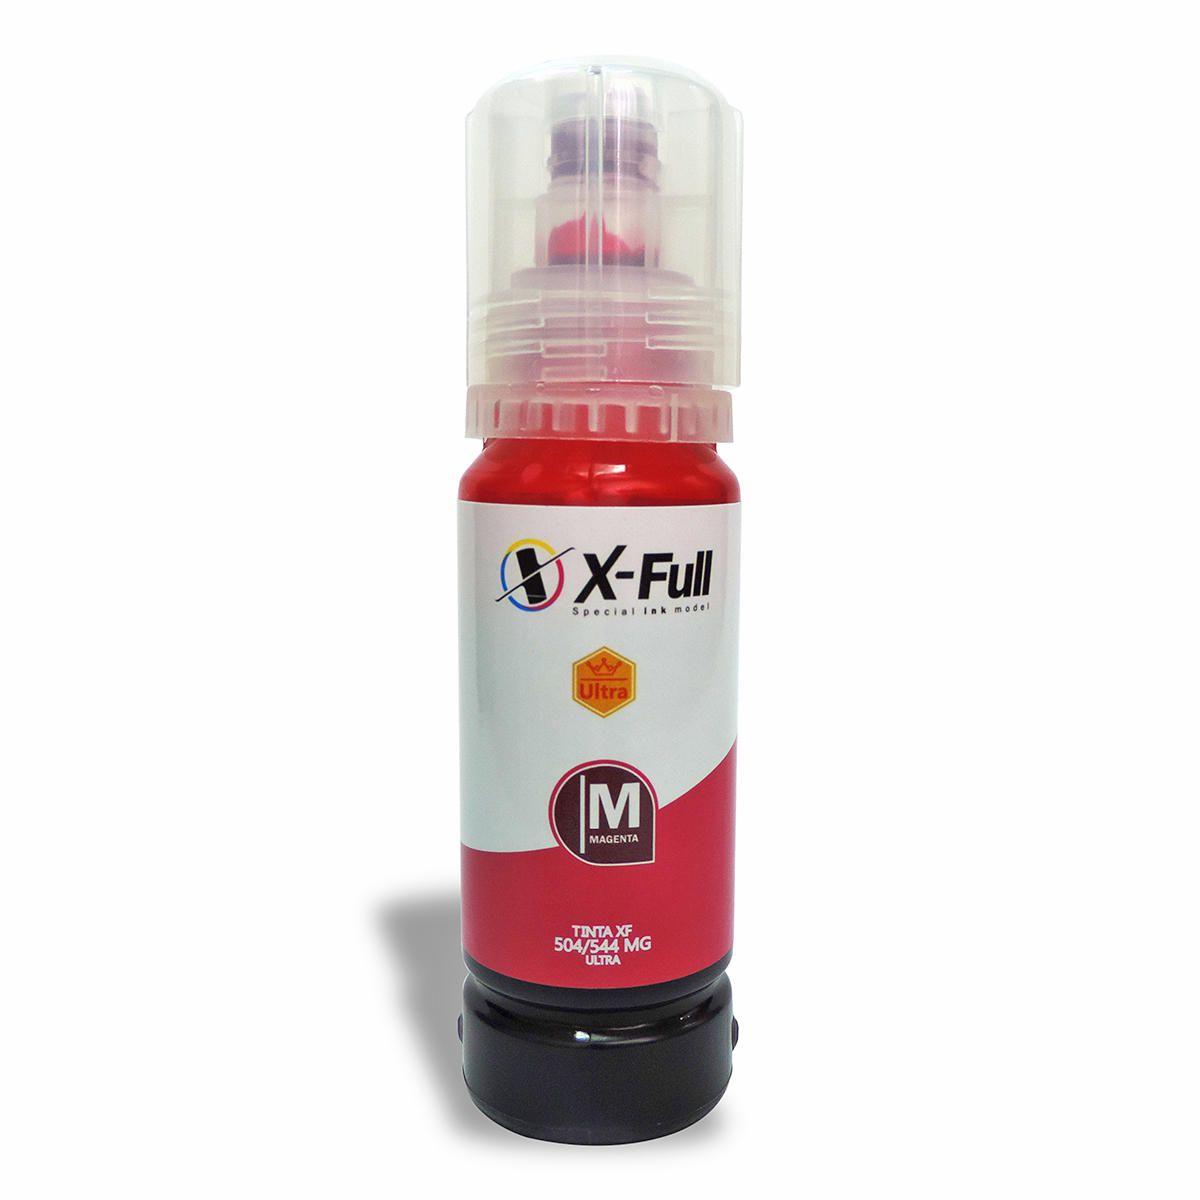 Compatível: Tinta Corante X-Full Ultra para Epson L3111 L3158 L4150 L4160 L6170 L6190 ET3750 M970 / Magenta / 70ml